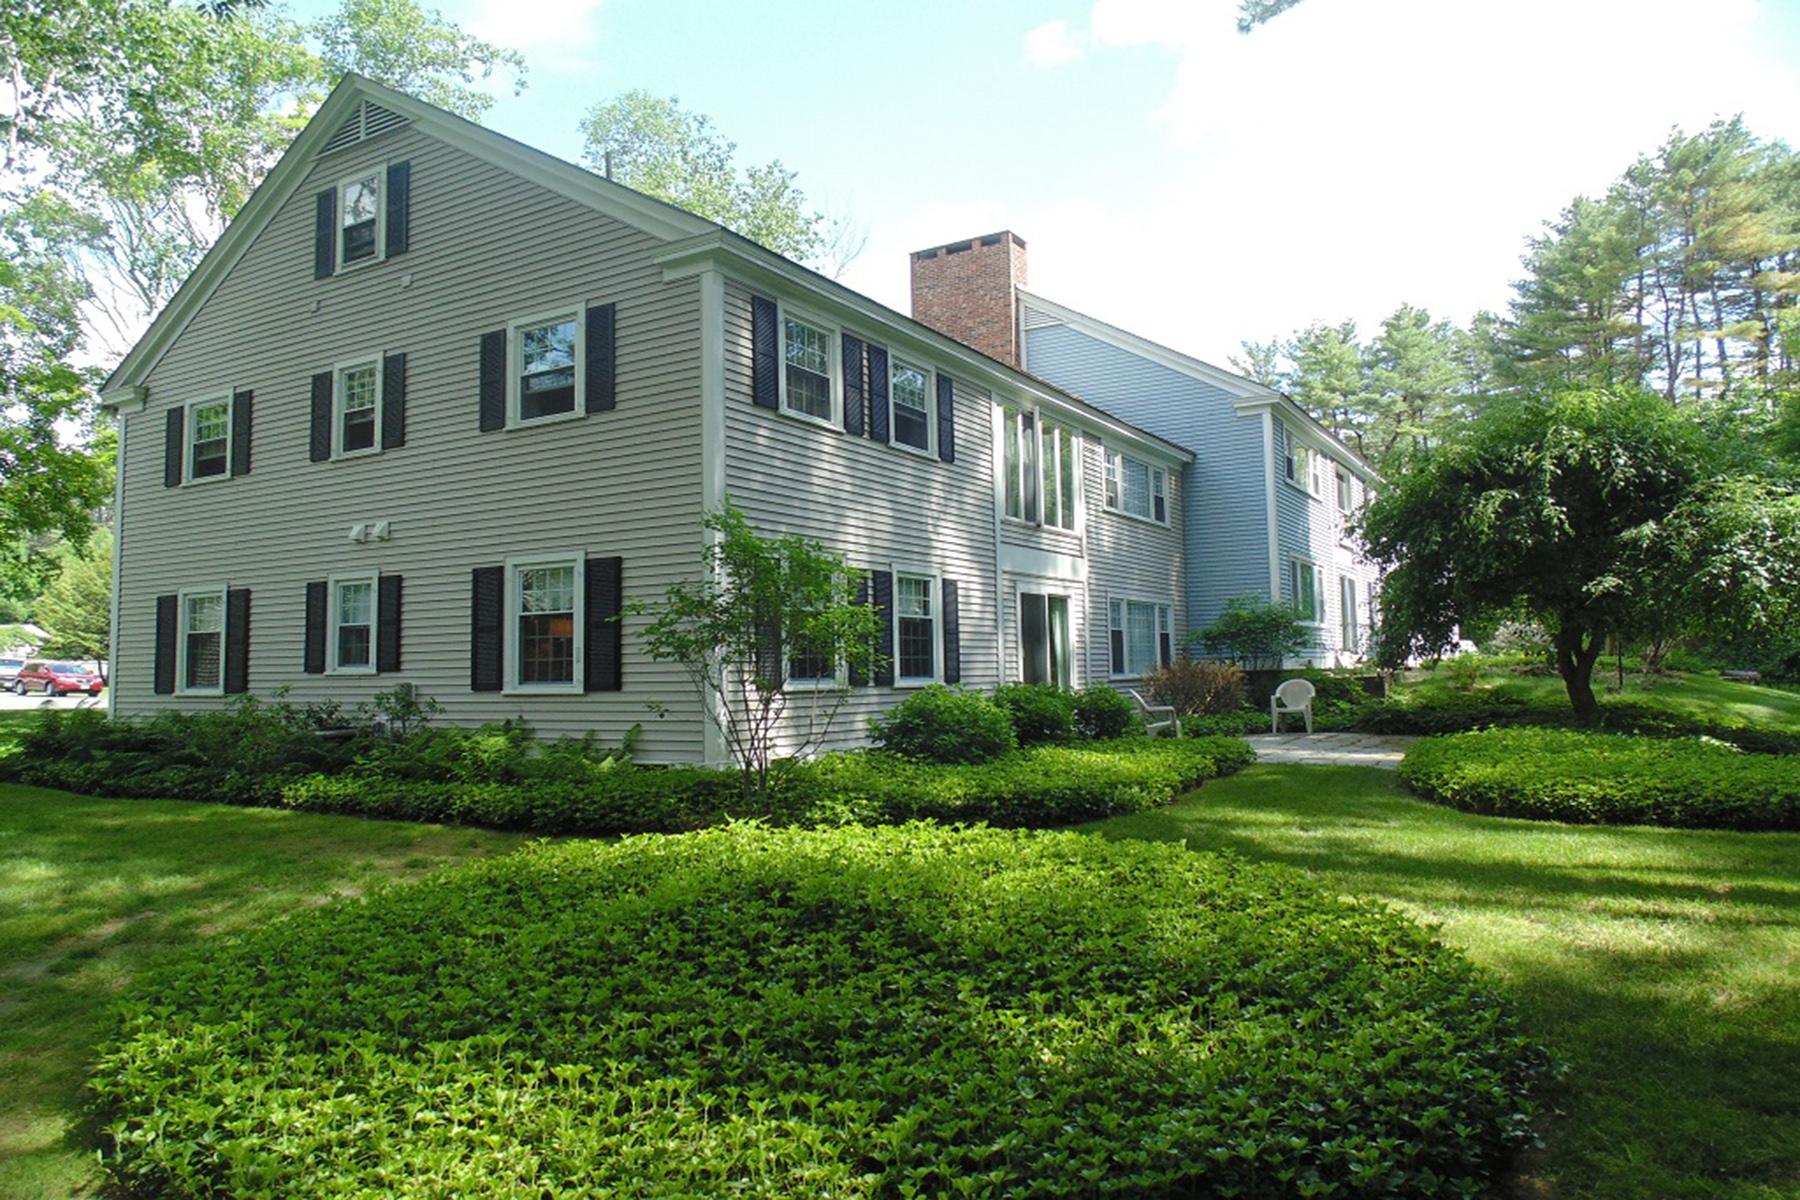 11 Willow Spring Cir, Hanover, NH 03755